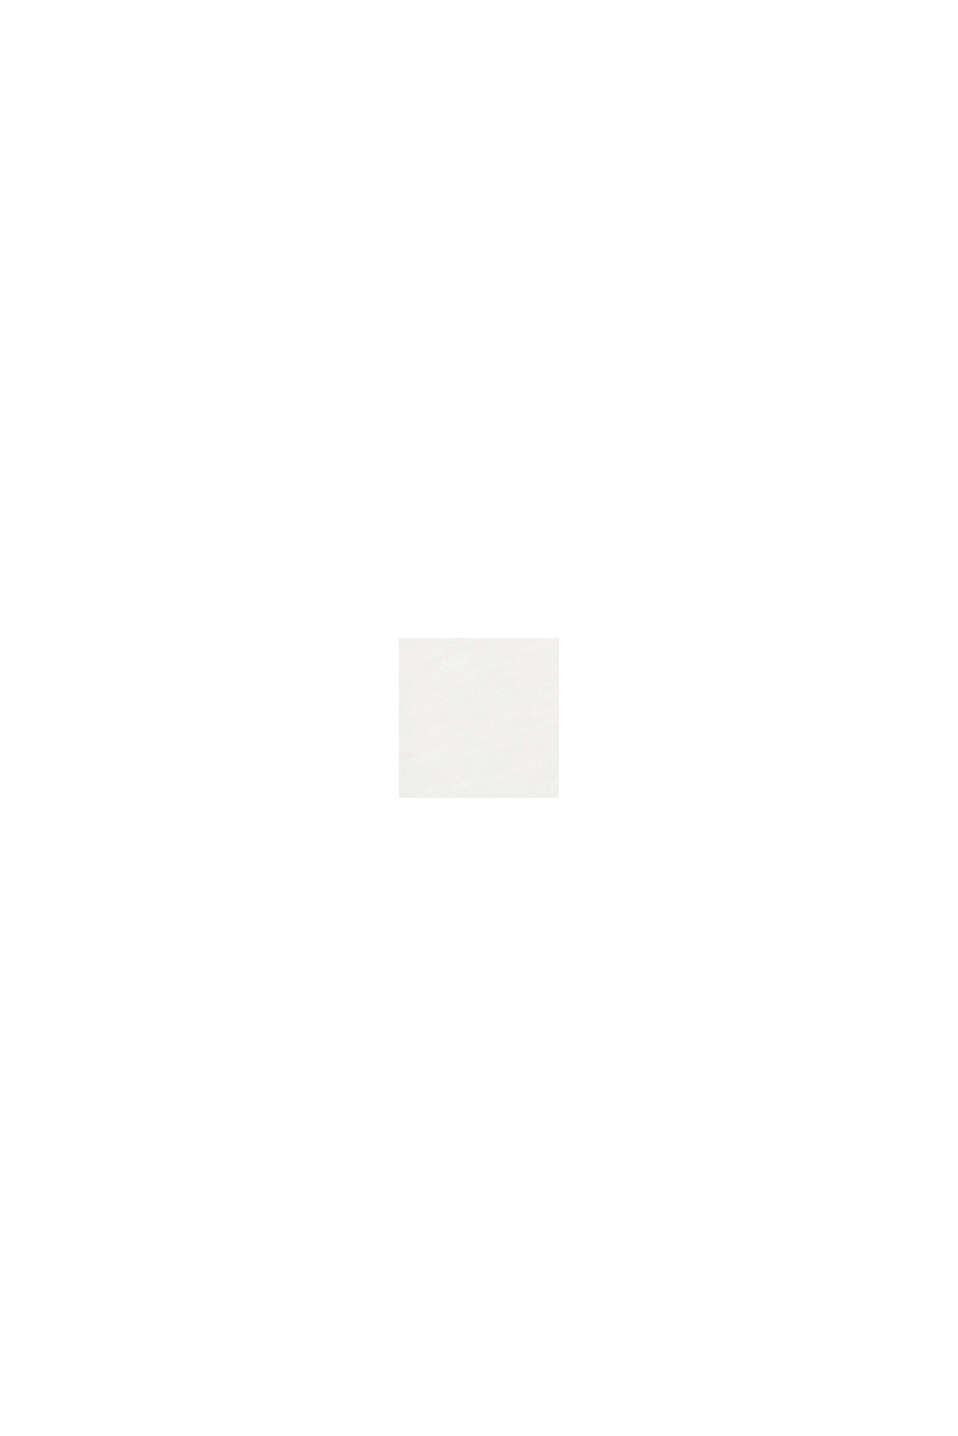 Maglia a maniche lunghe con scollo ampio, OFF WHITE, swatch